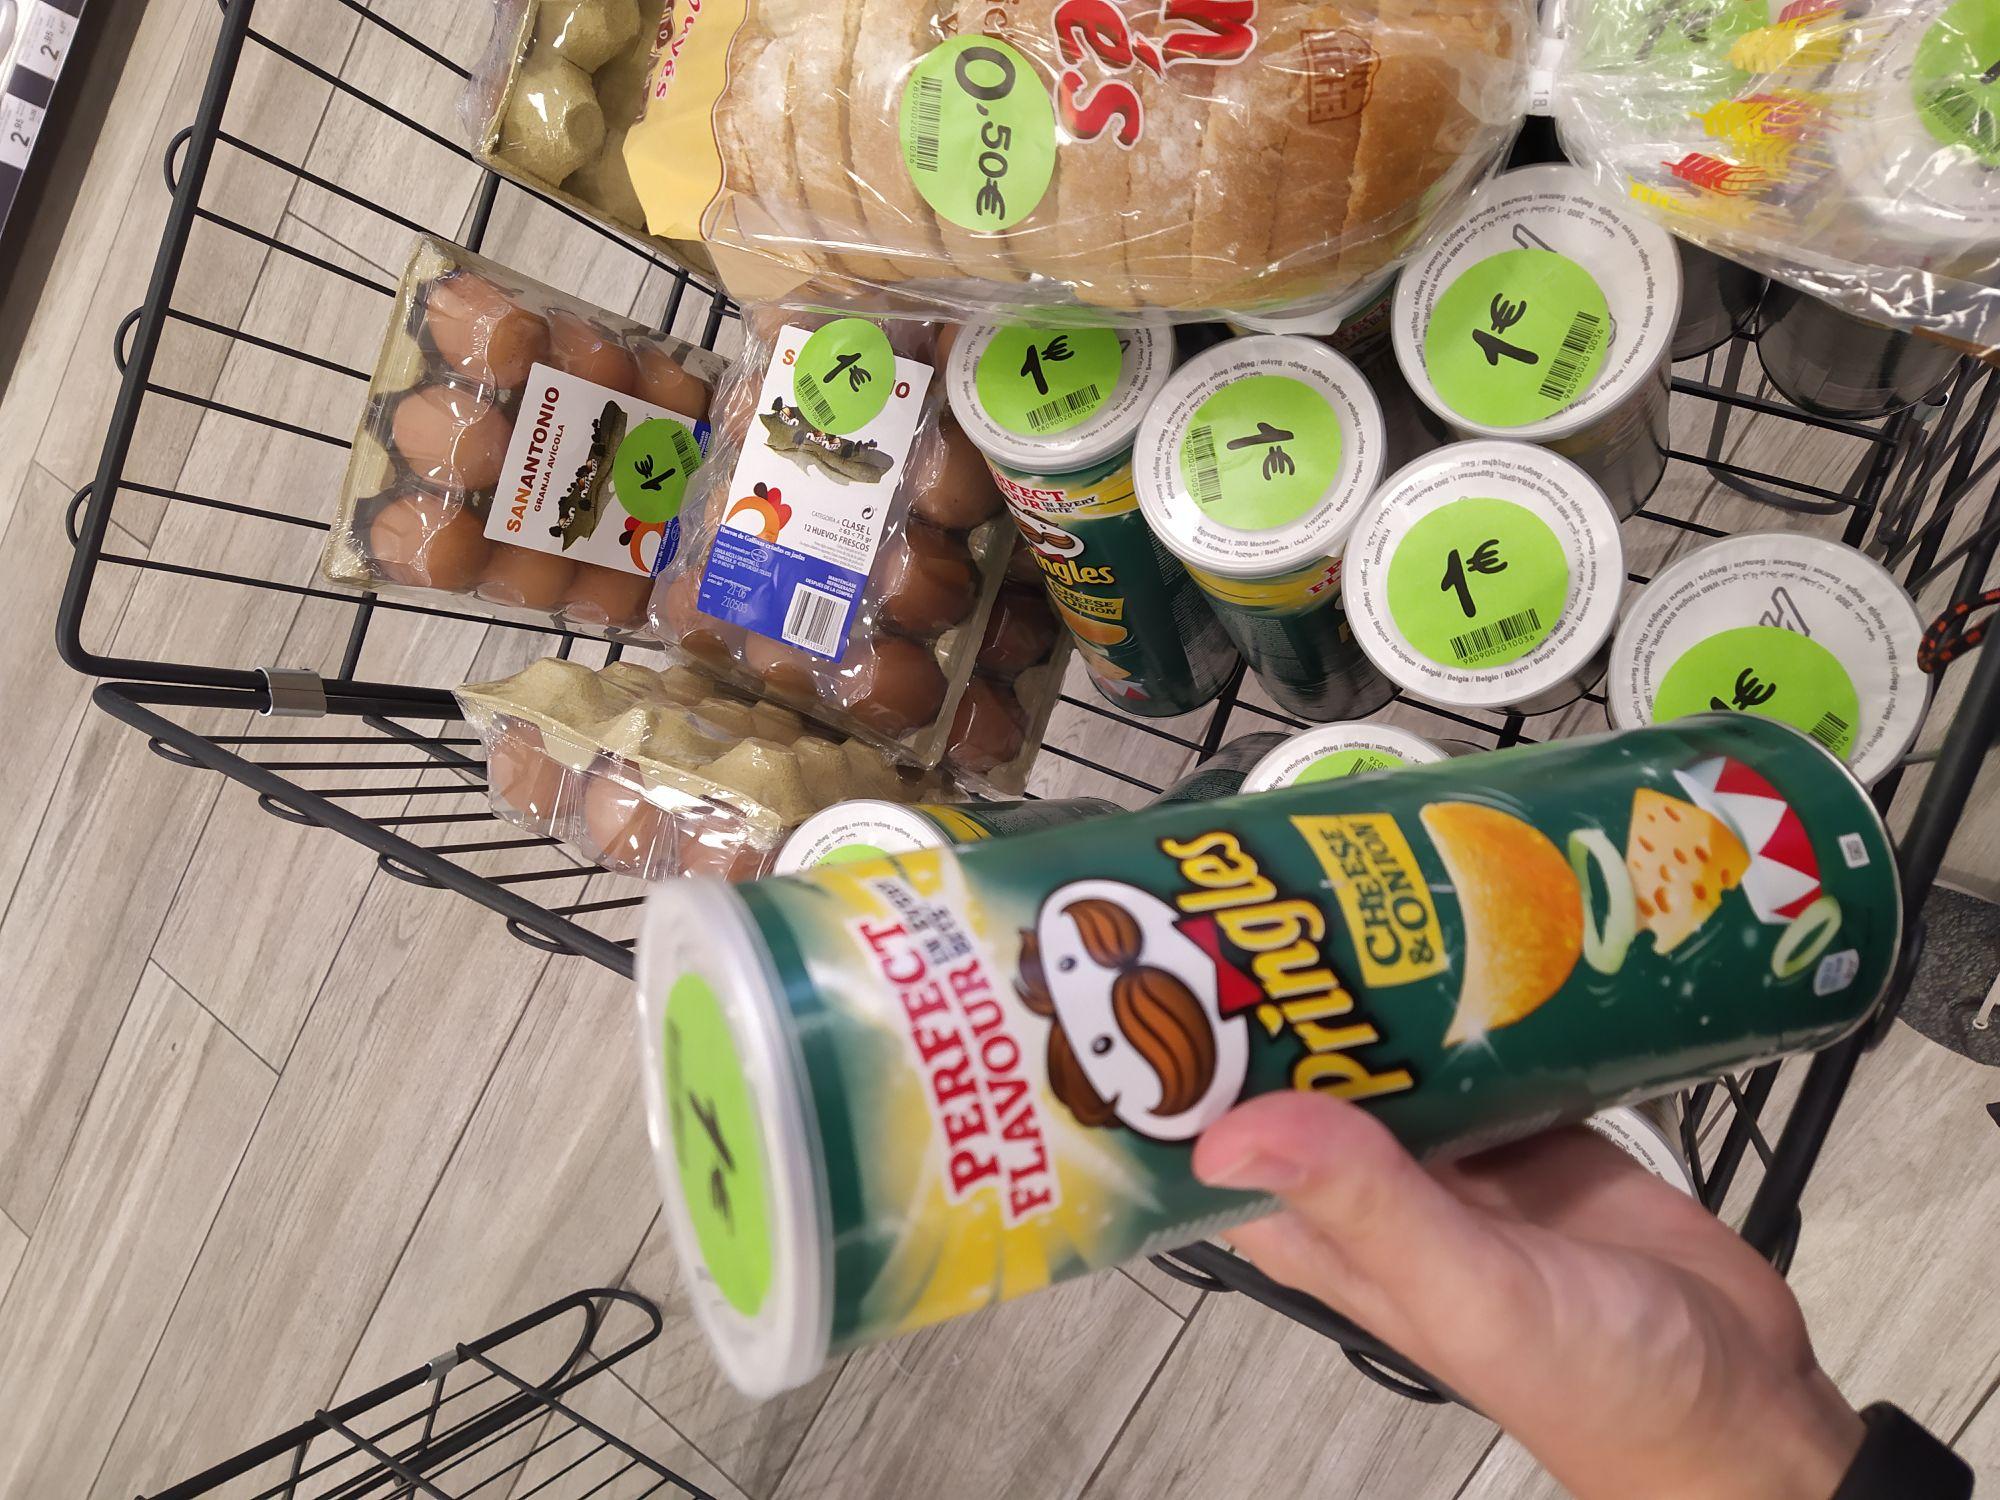 Pringles 150gr a 1€ en el Primaprix de Oviedo